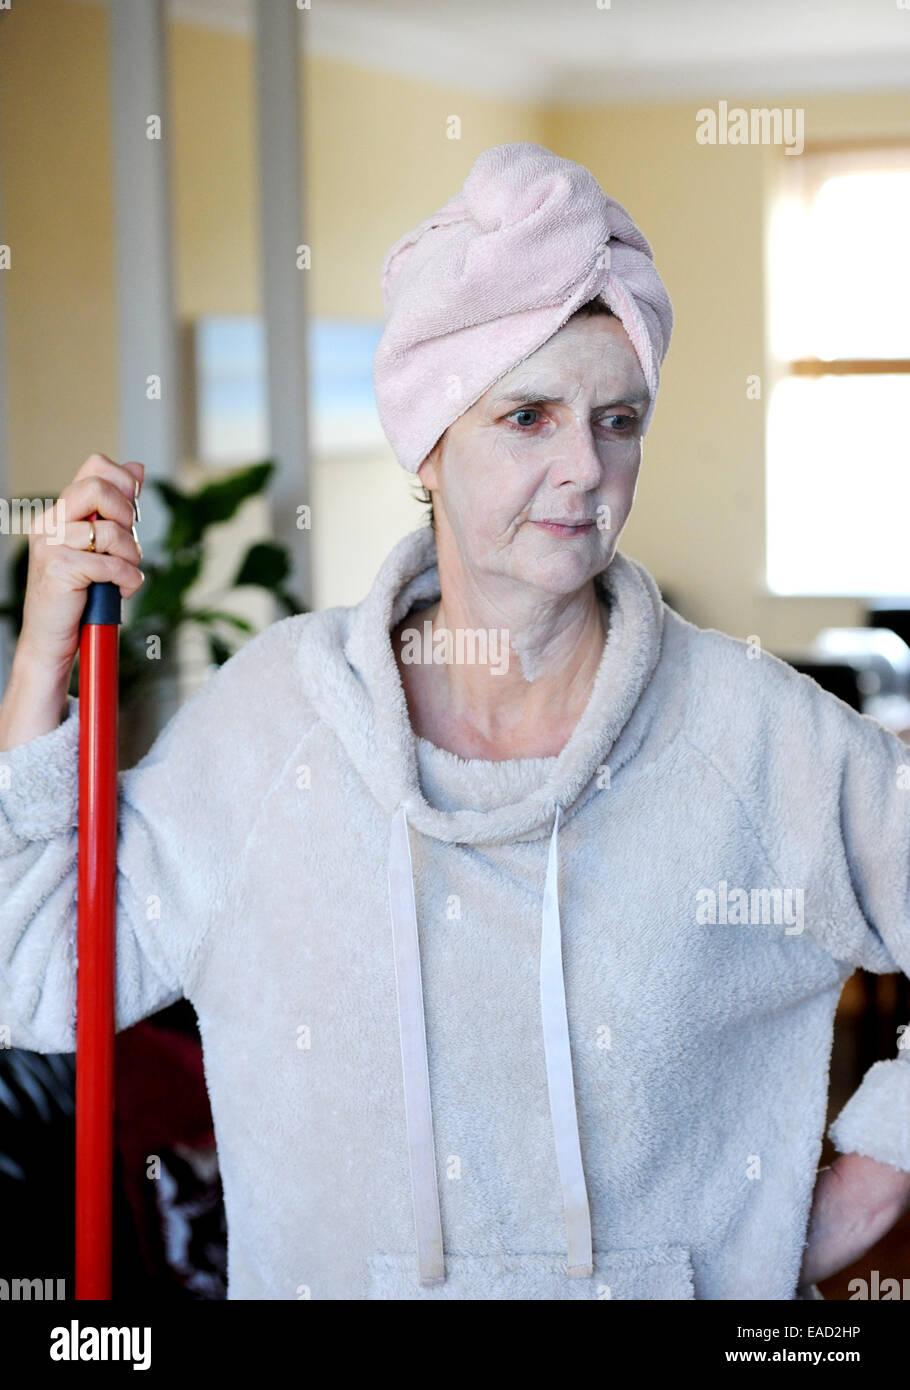 Applying Frau Weibchen tragen einen Turban auf das nasse Haar und mit einer Gesichtsmaske Gesundheit und Schönheit für die Haut Stockfoto